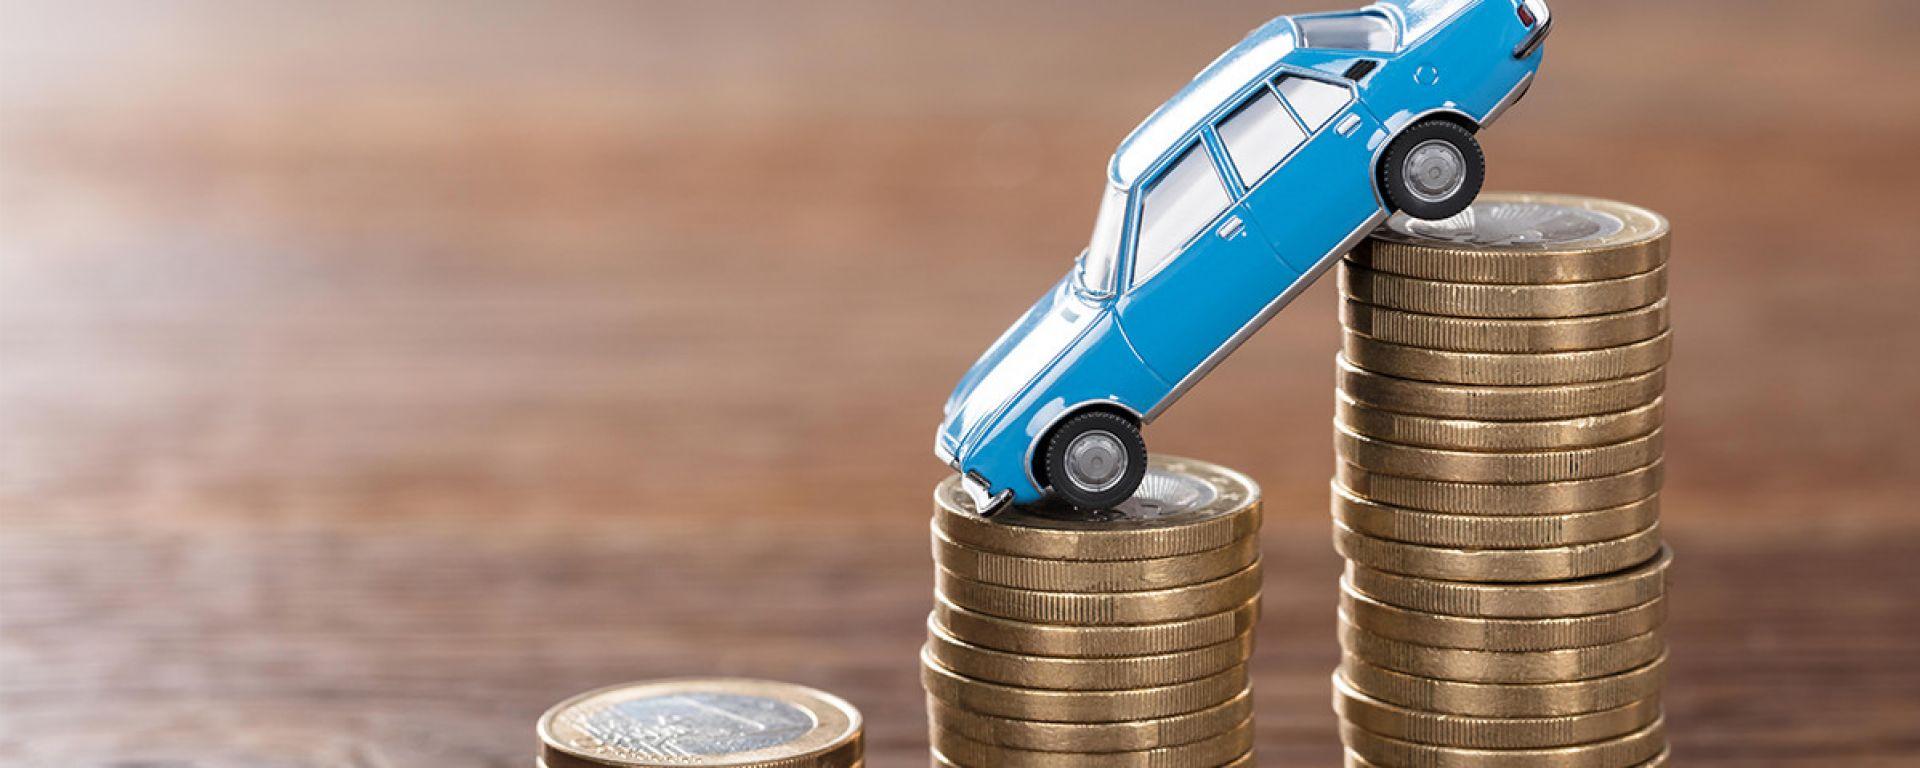 Comprare l'auto a rate, quando conviene (e quando invece no)